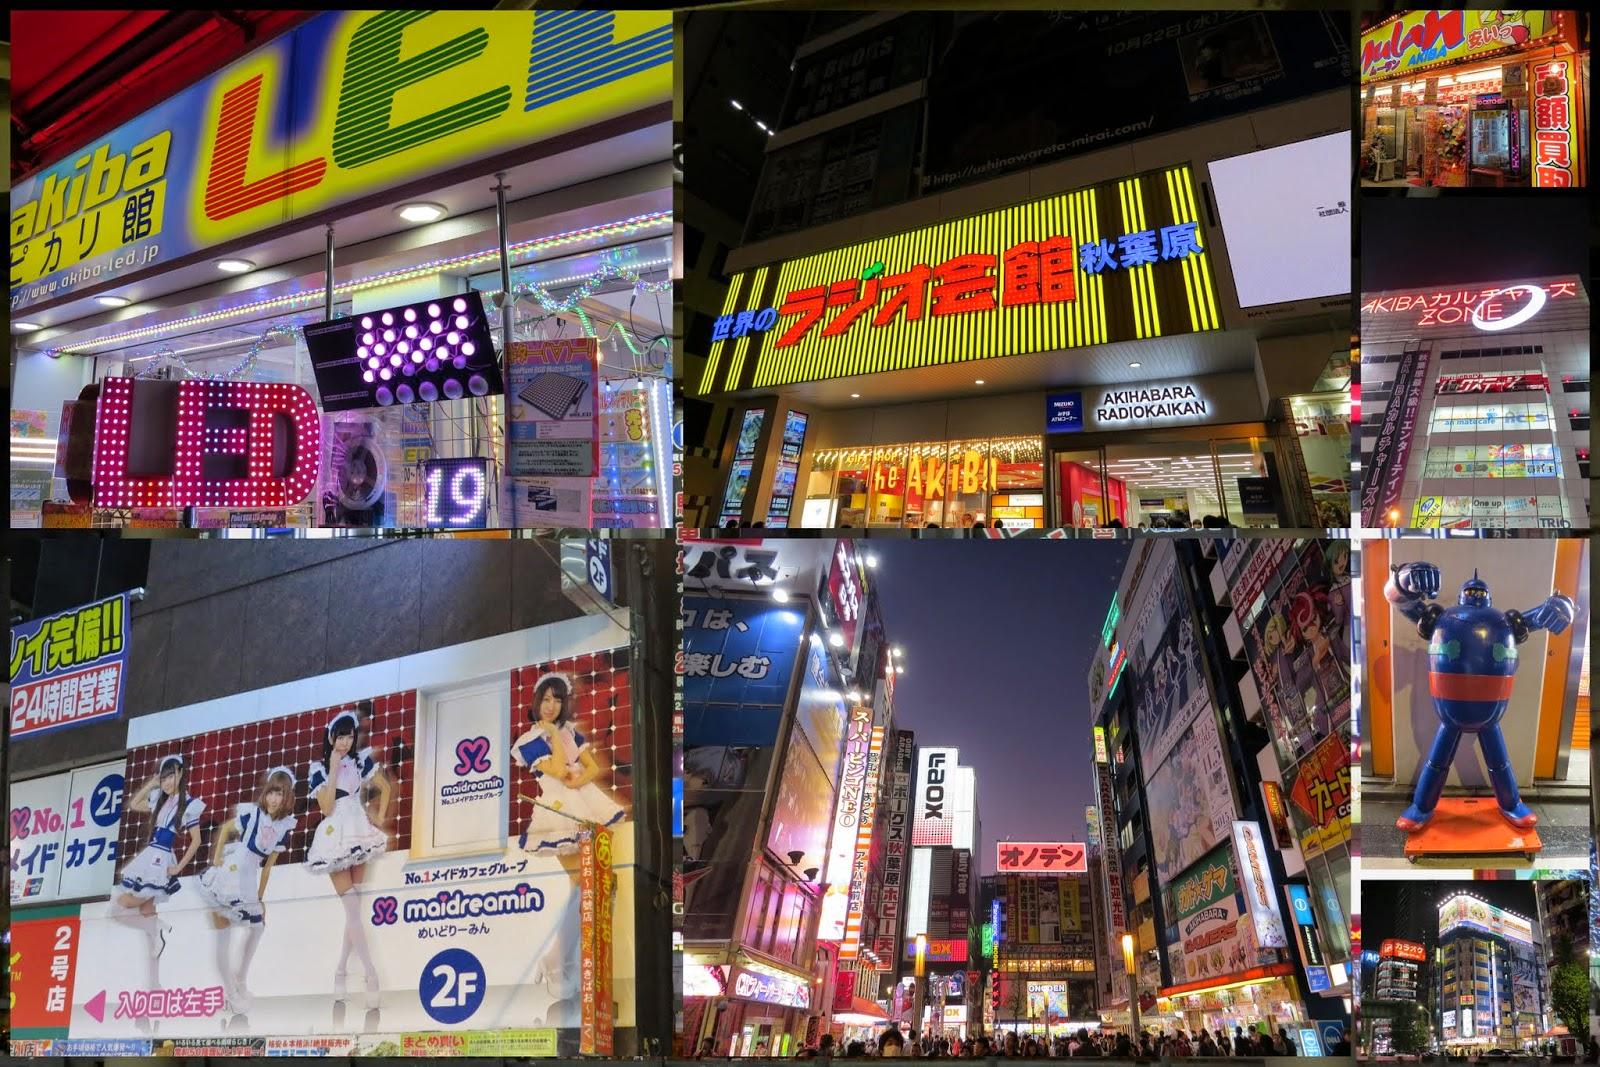 Tokyo neighborhoods: Akhiabara